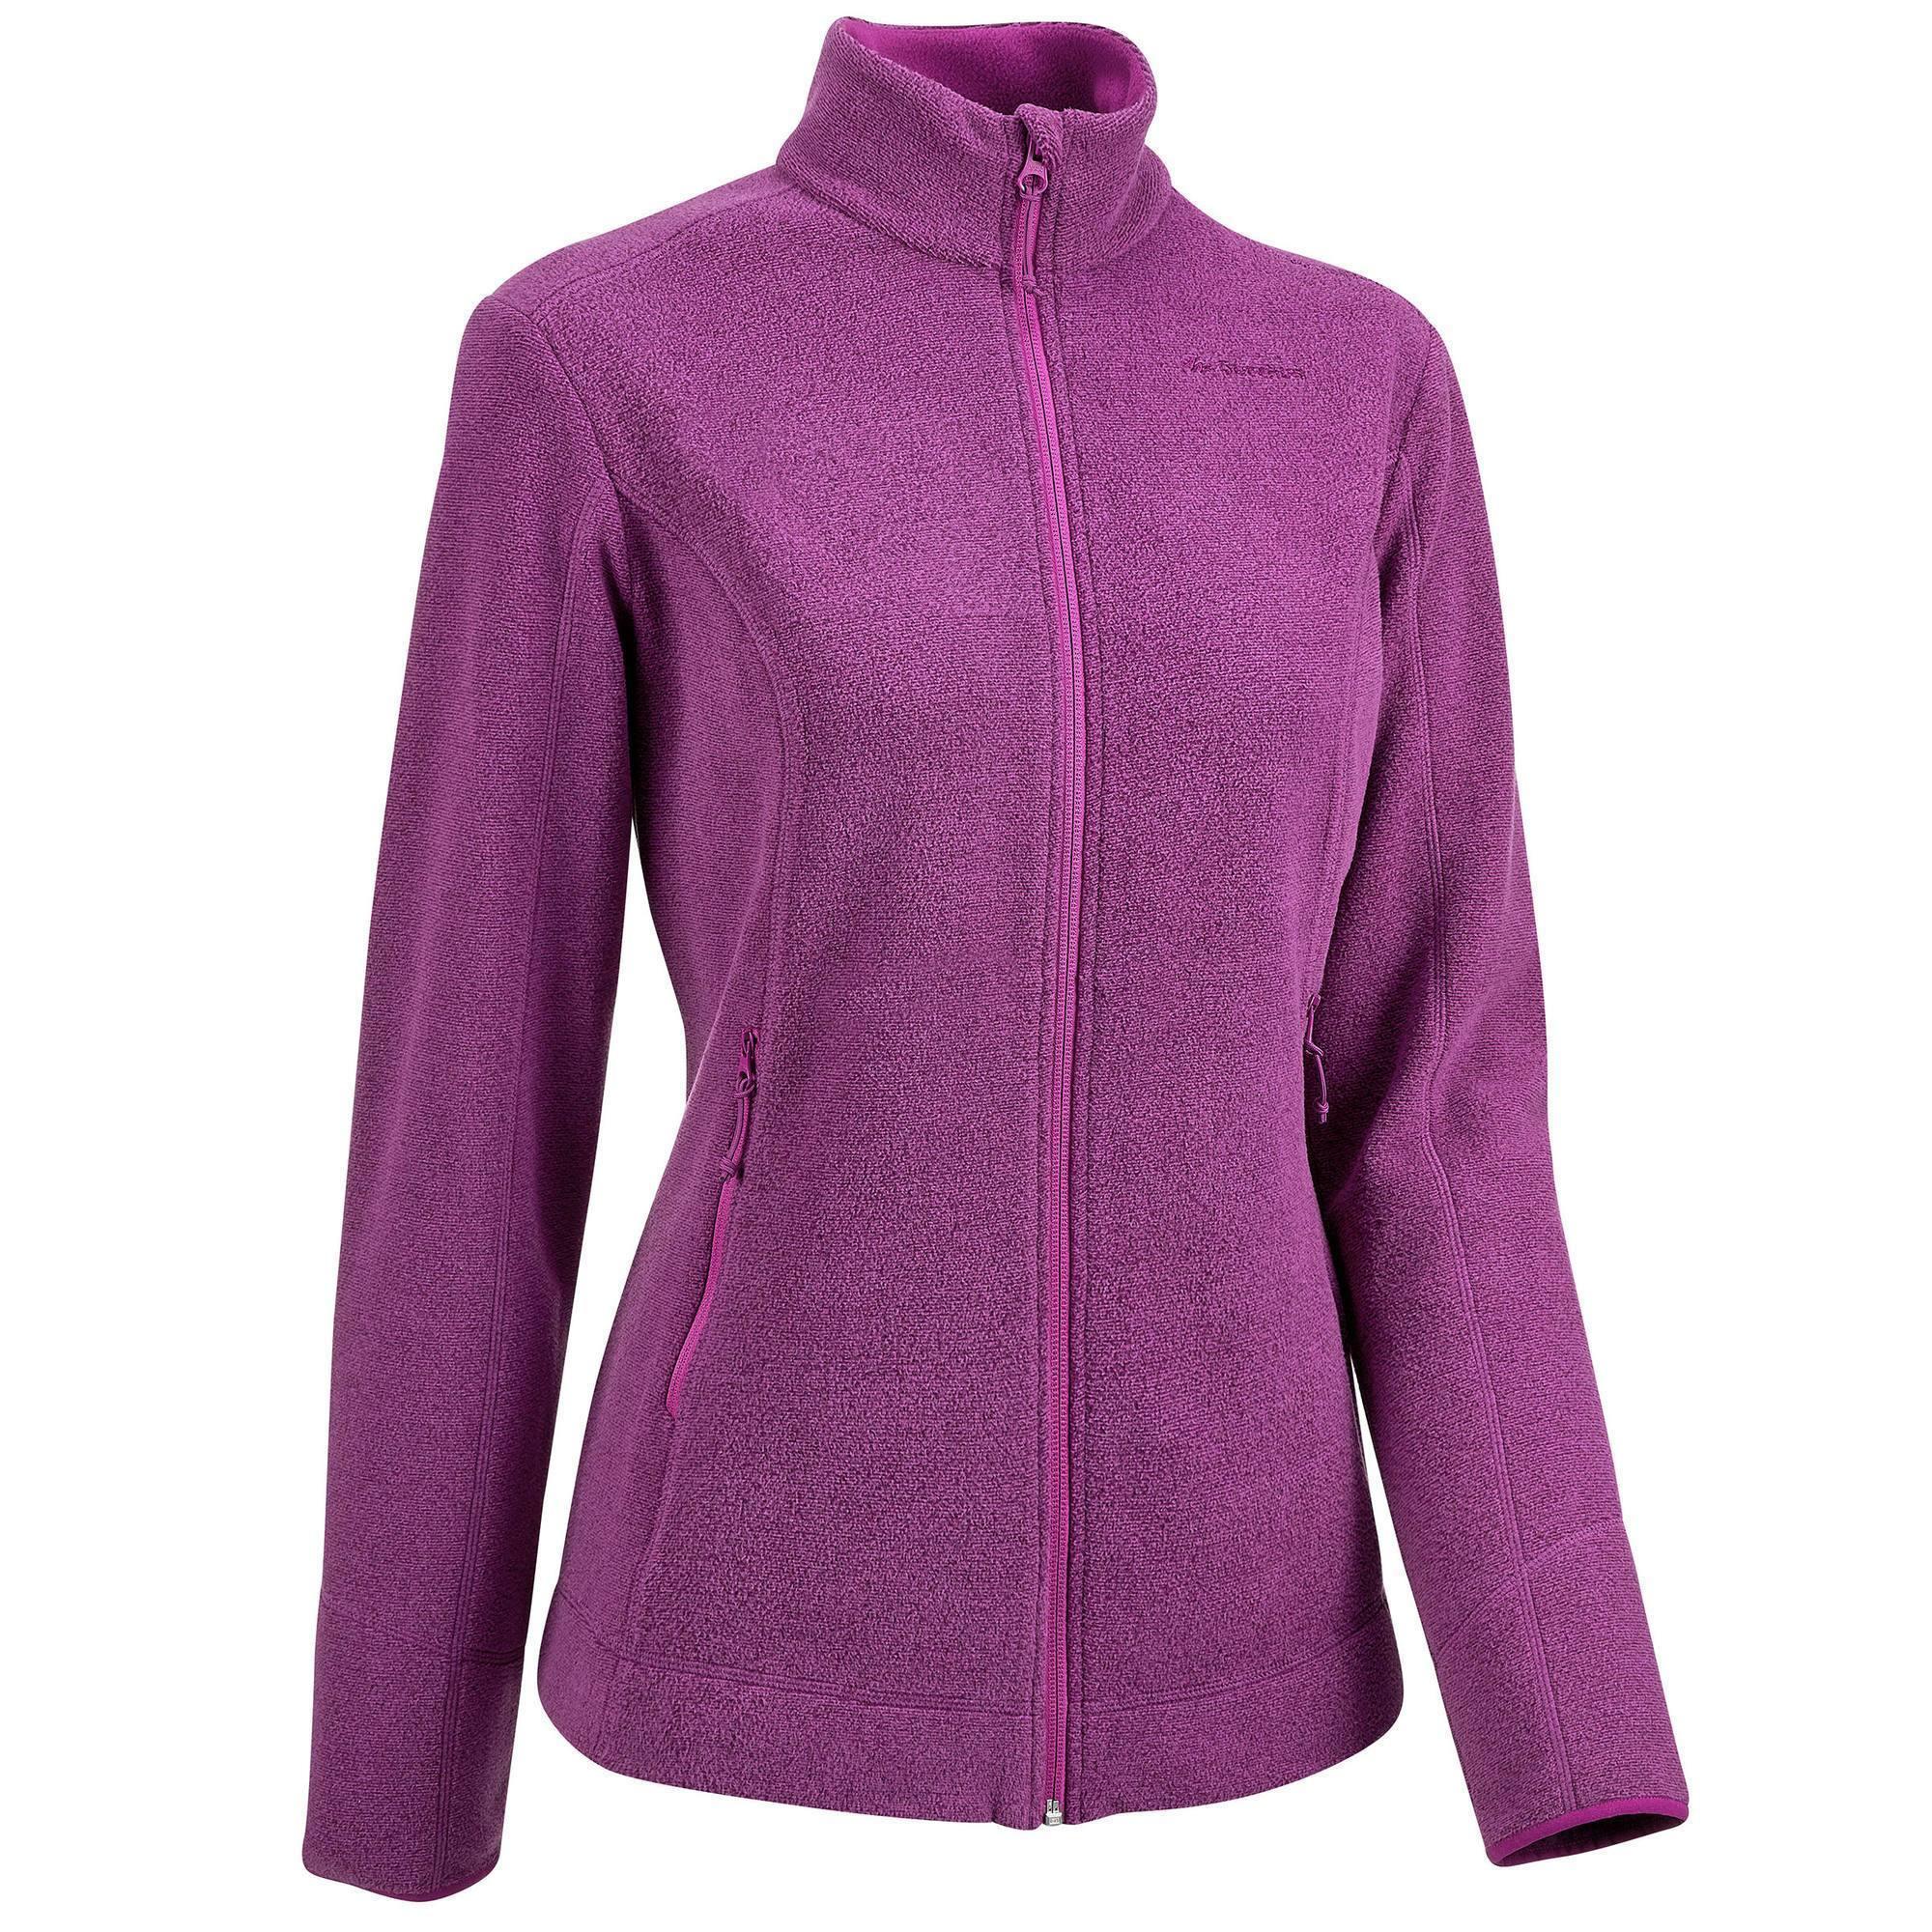 a801b96919bae Veste Polaire de randonnée montagne femme MH120 Violet - Clubs ...